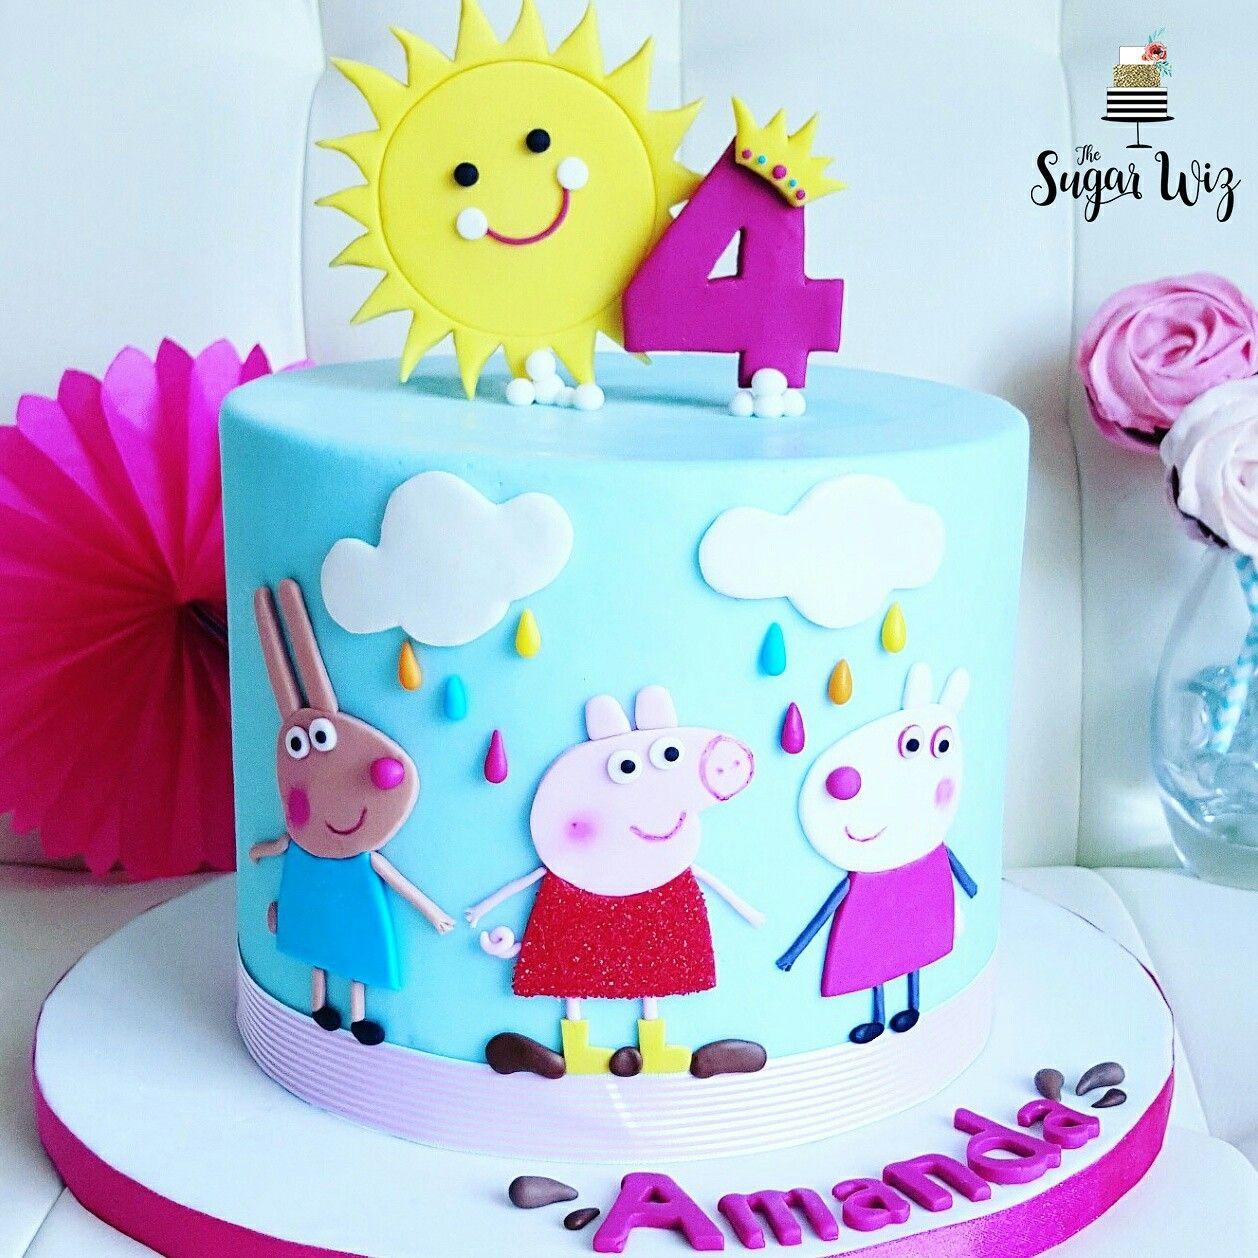 Детский торт своими руками. Торт со свинкой Пеппой 61